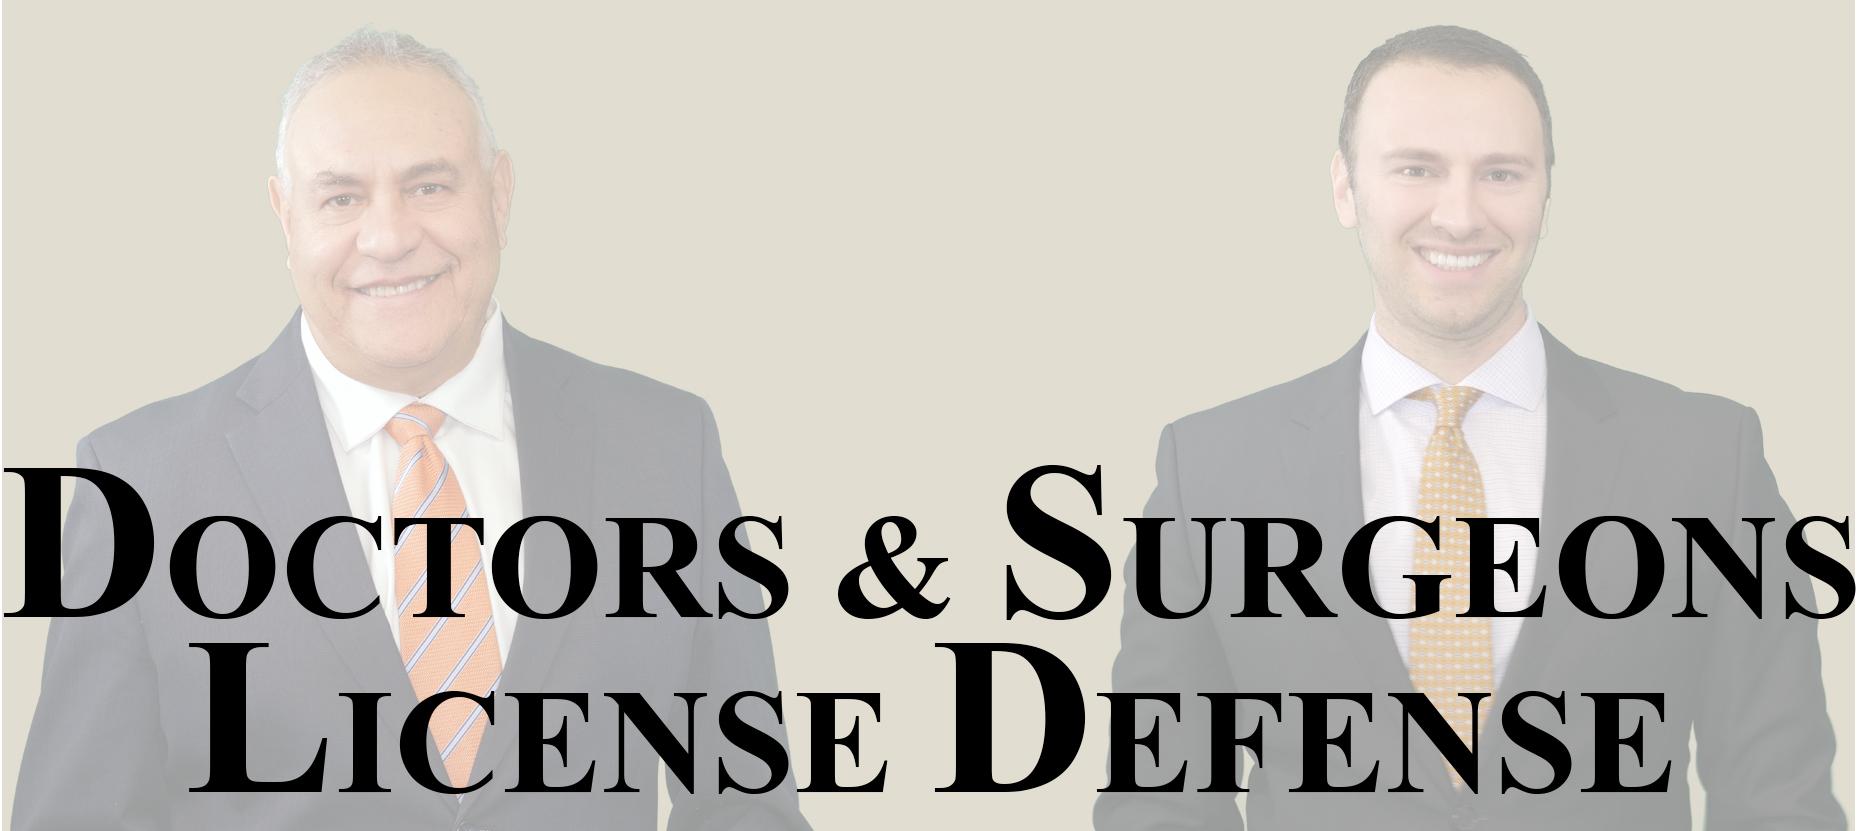 Doctors Surgeons License Defense